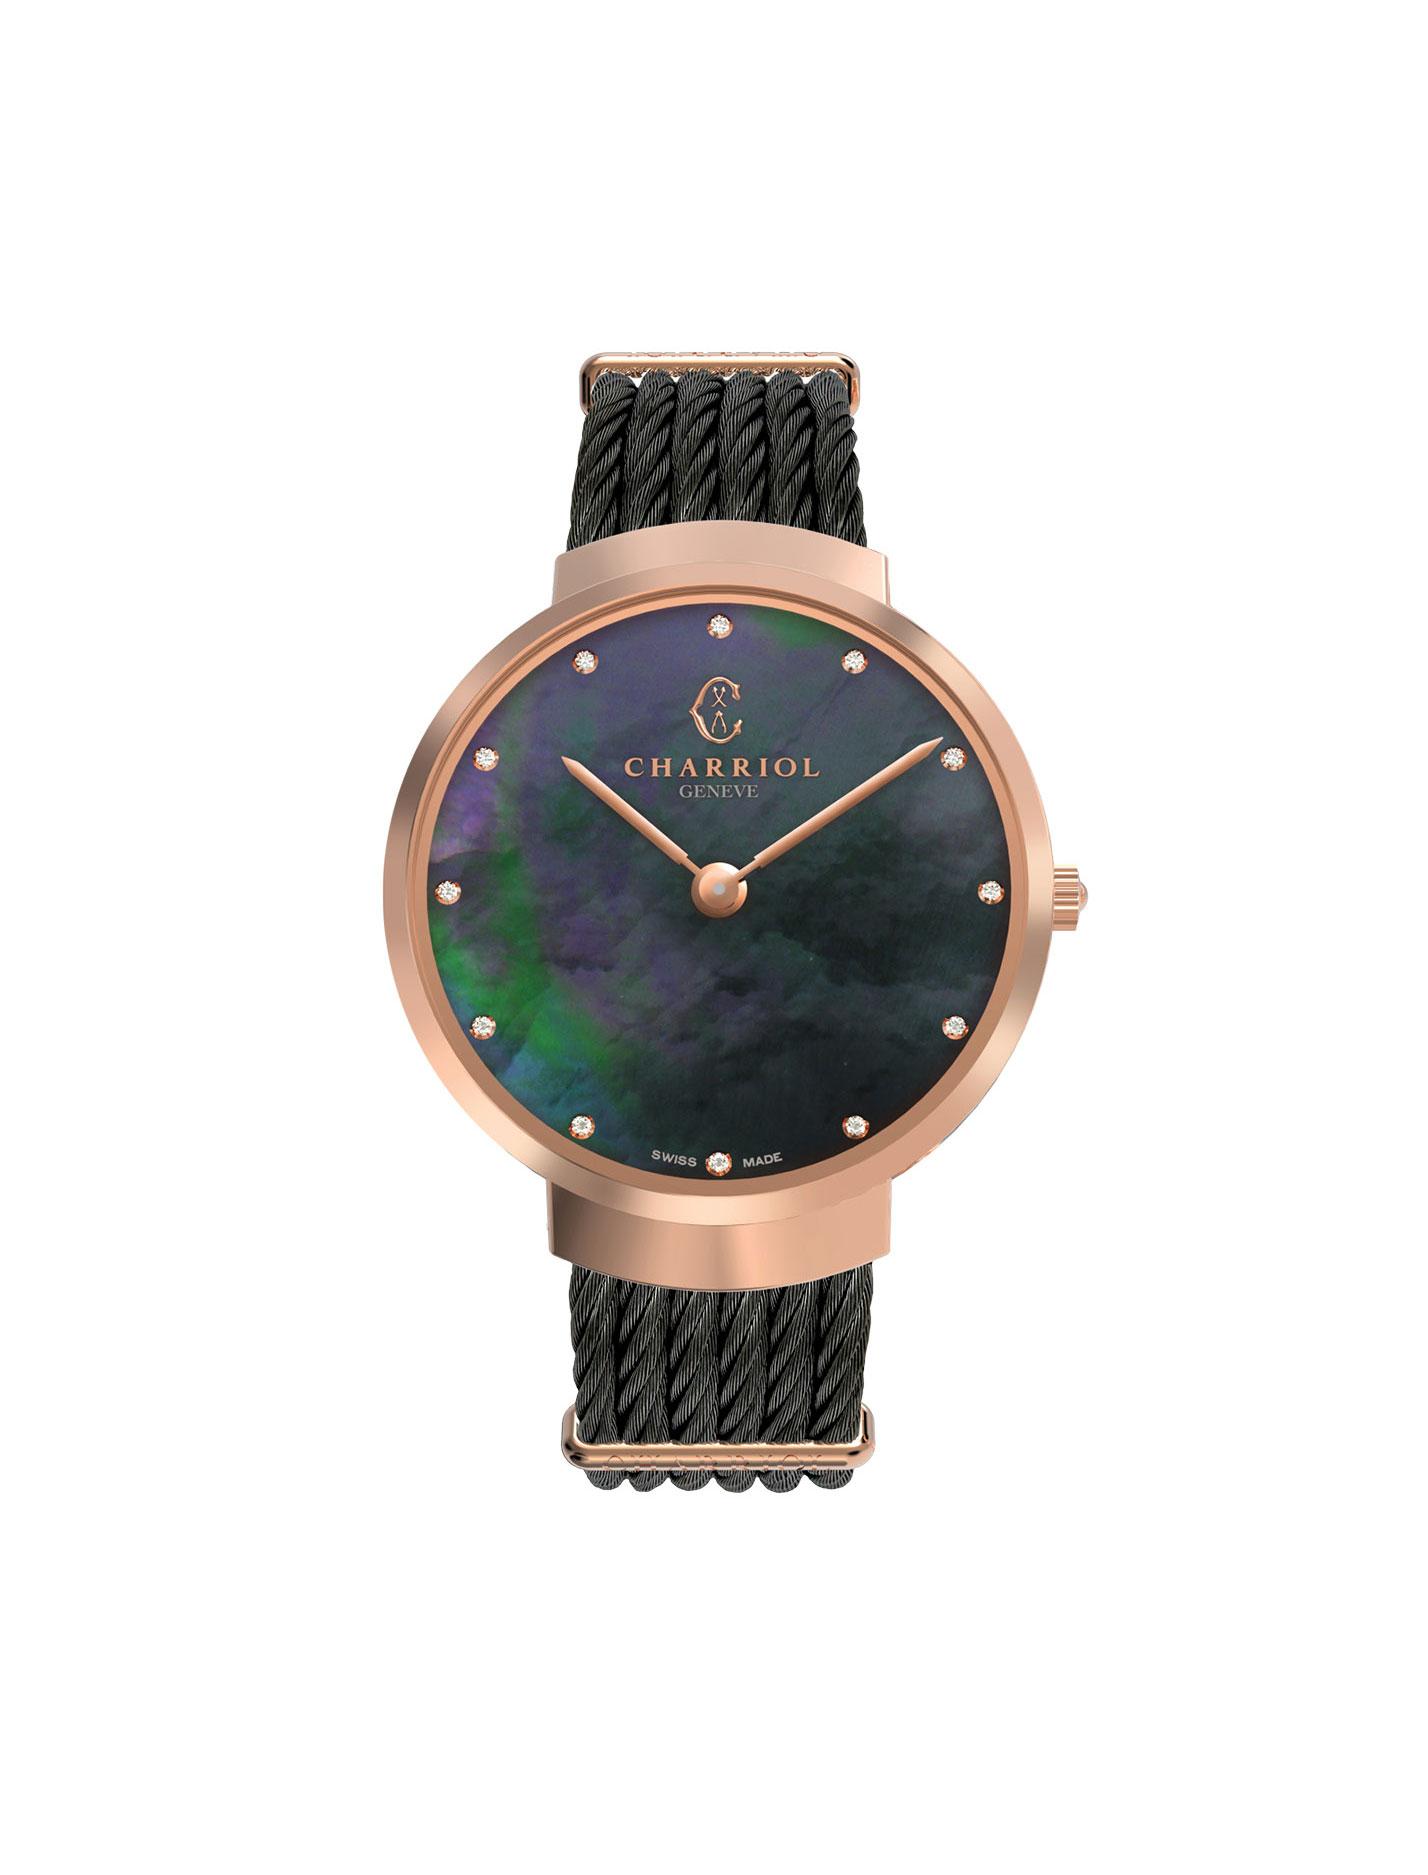 Charriol - Slim watch